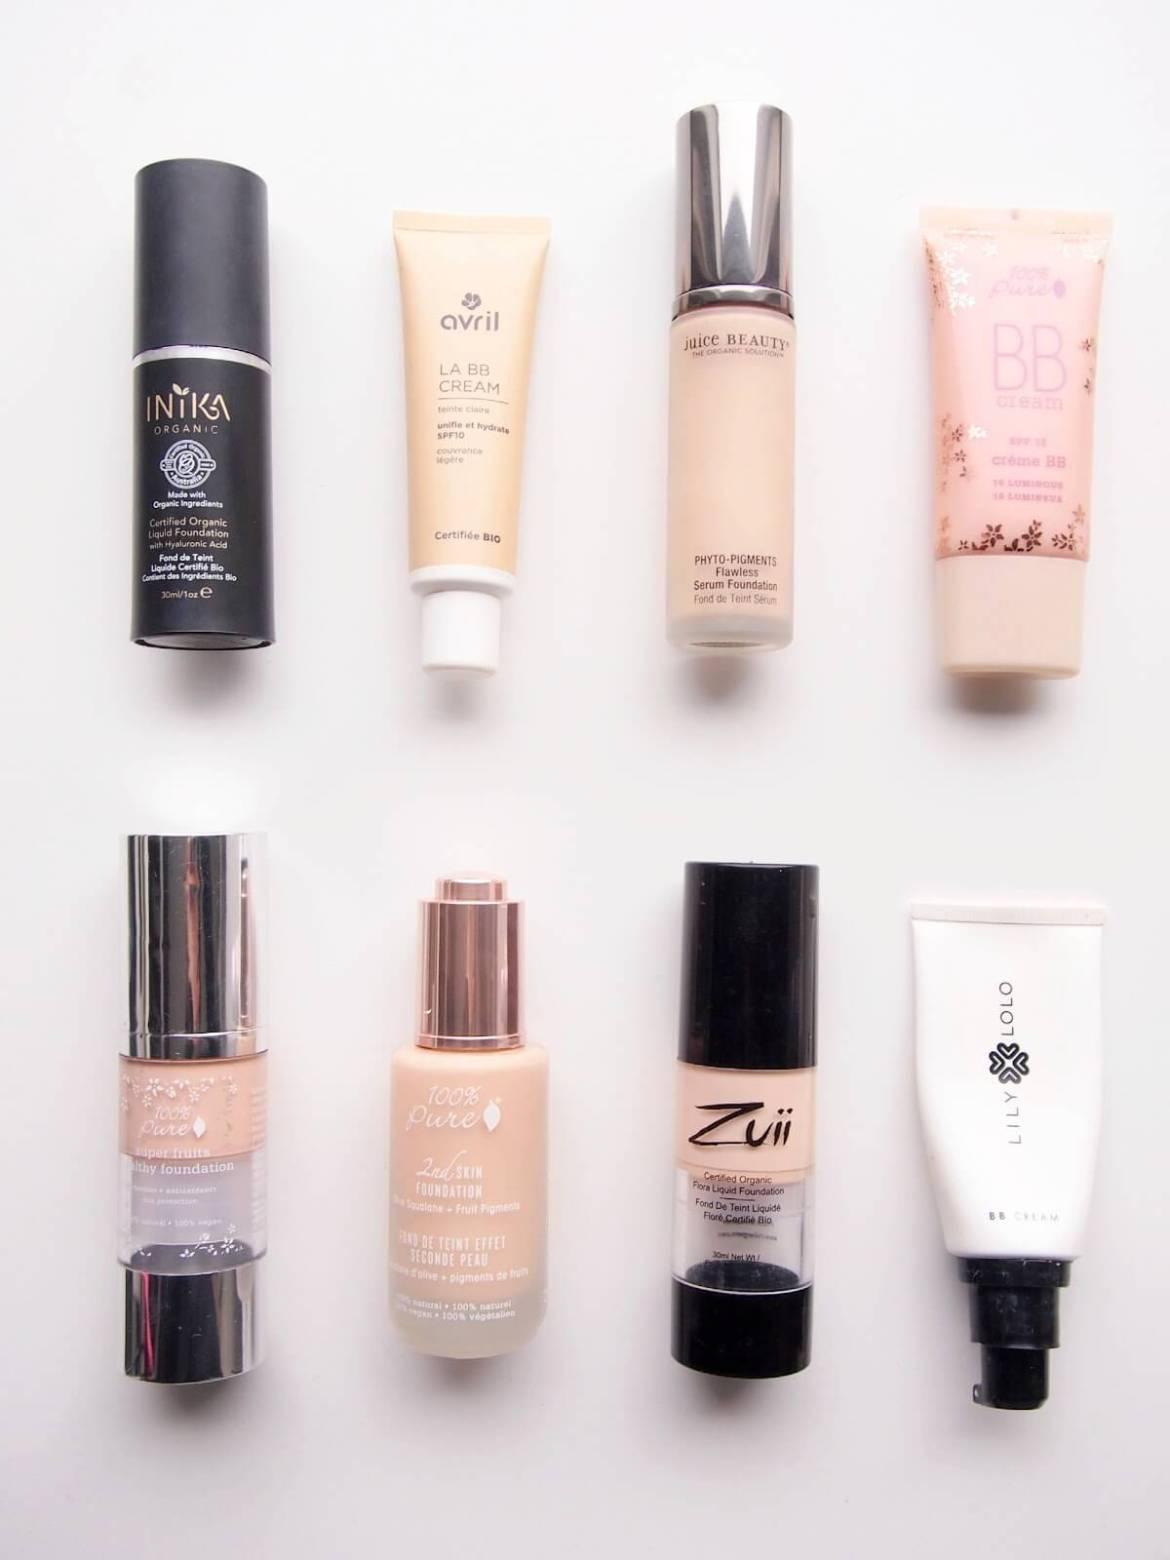 vegaaninen luonnonkosmetiikan meikkivoide